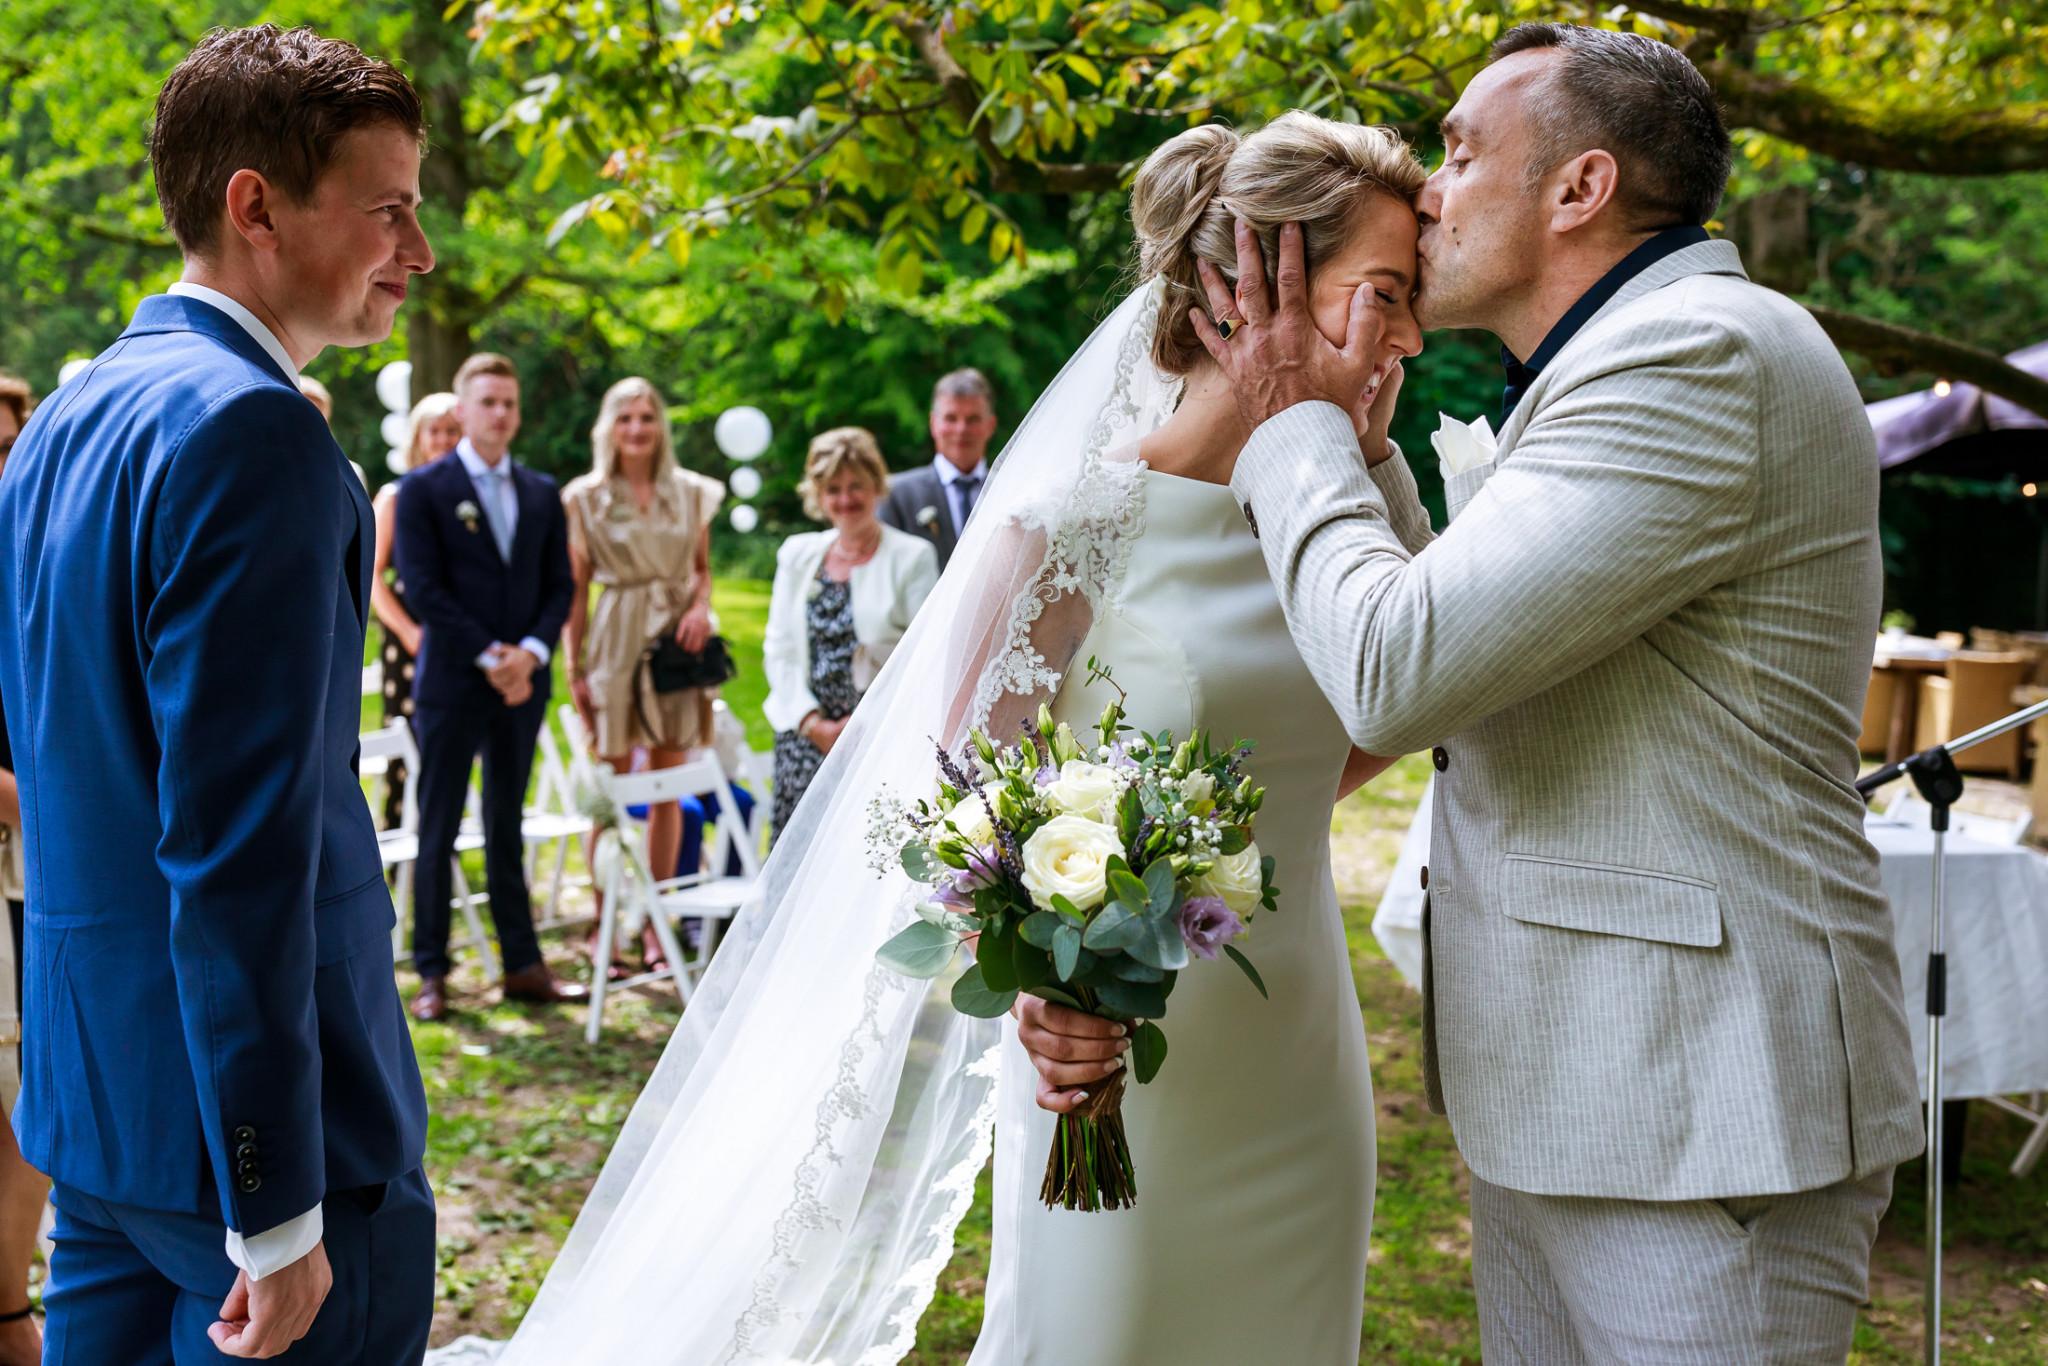 Vader van de bruid | Vaderdag | Weggeefmoment | trouwceremonie | Vaders op bruiloften